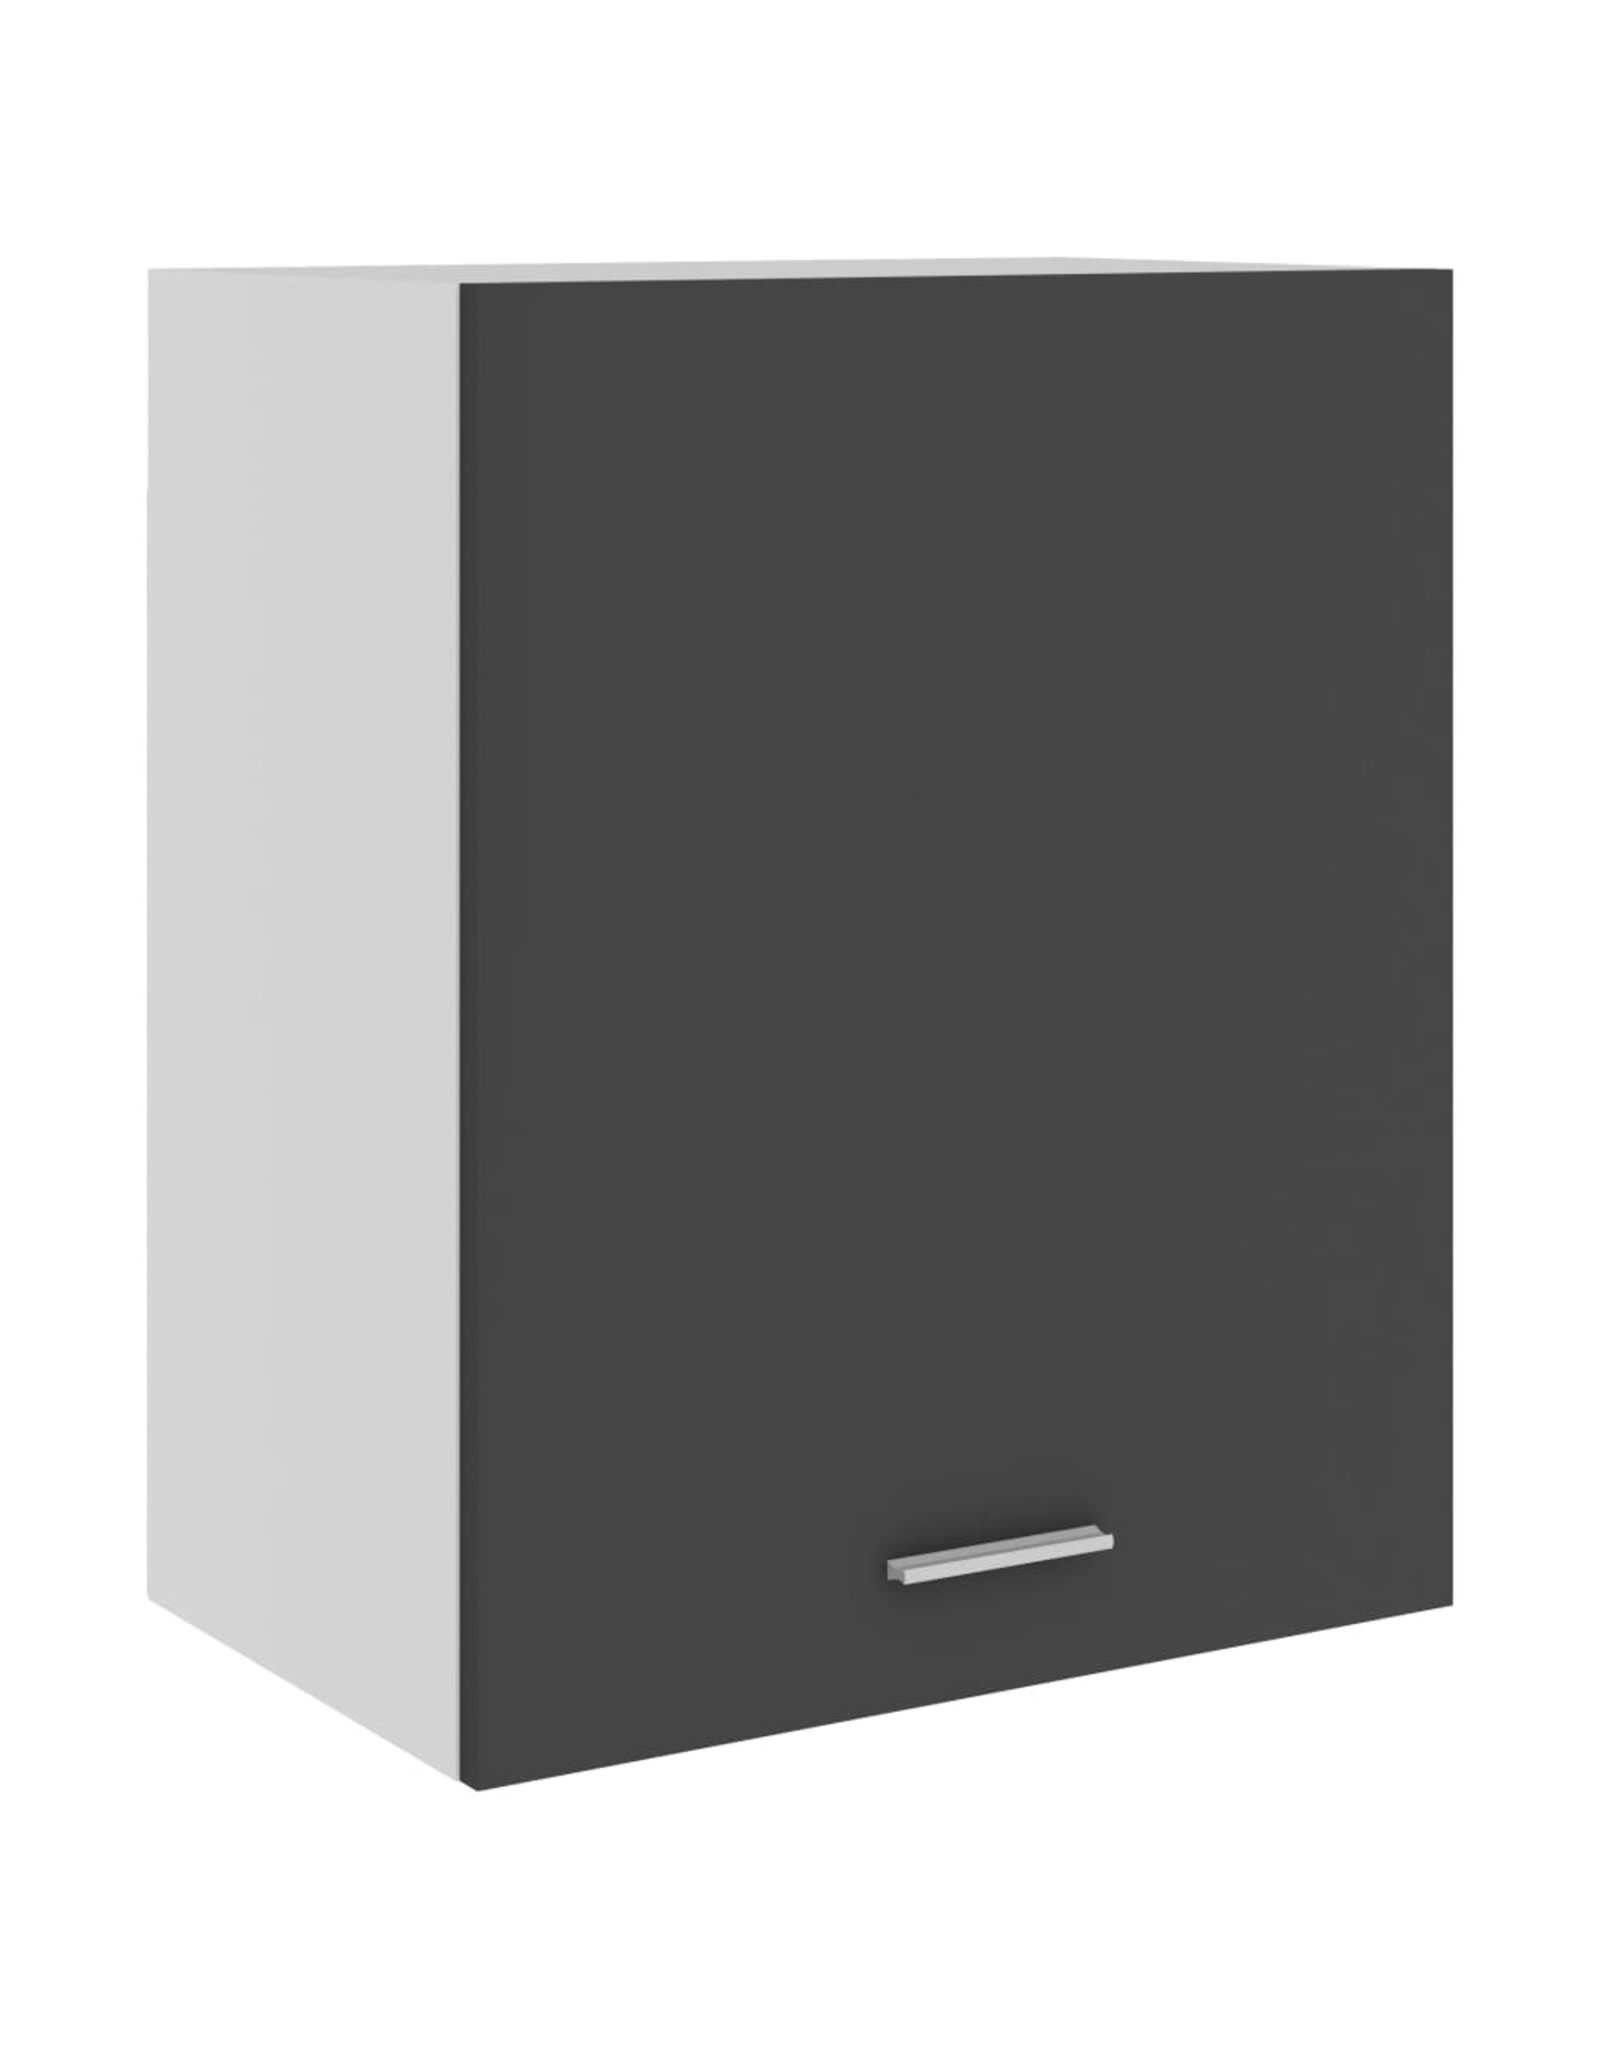 Hangkast 50x31x60 cm spaanplaat grijs